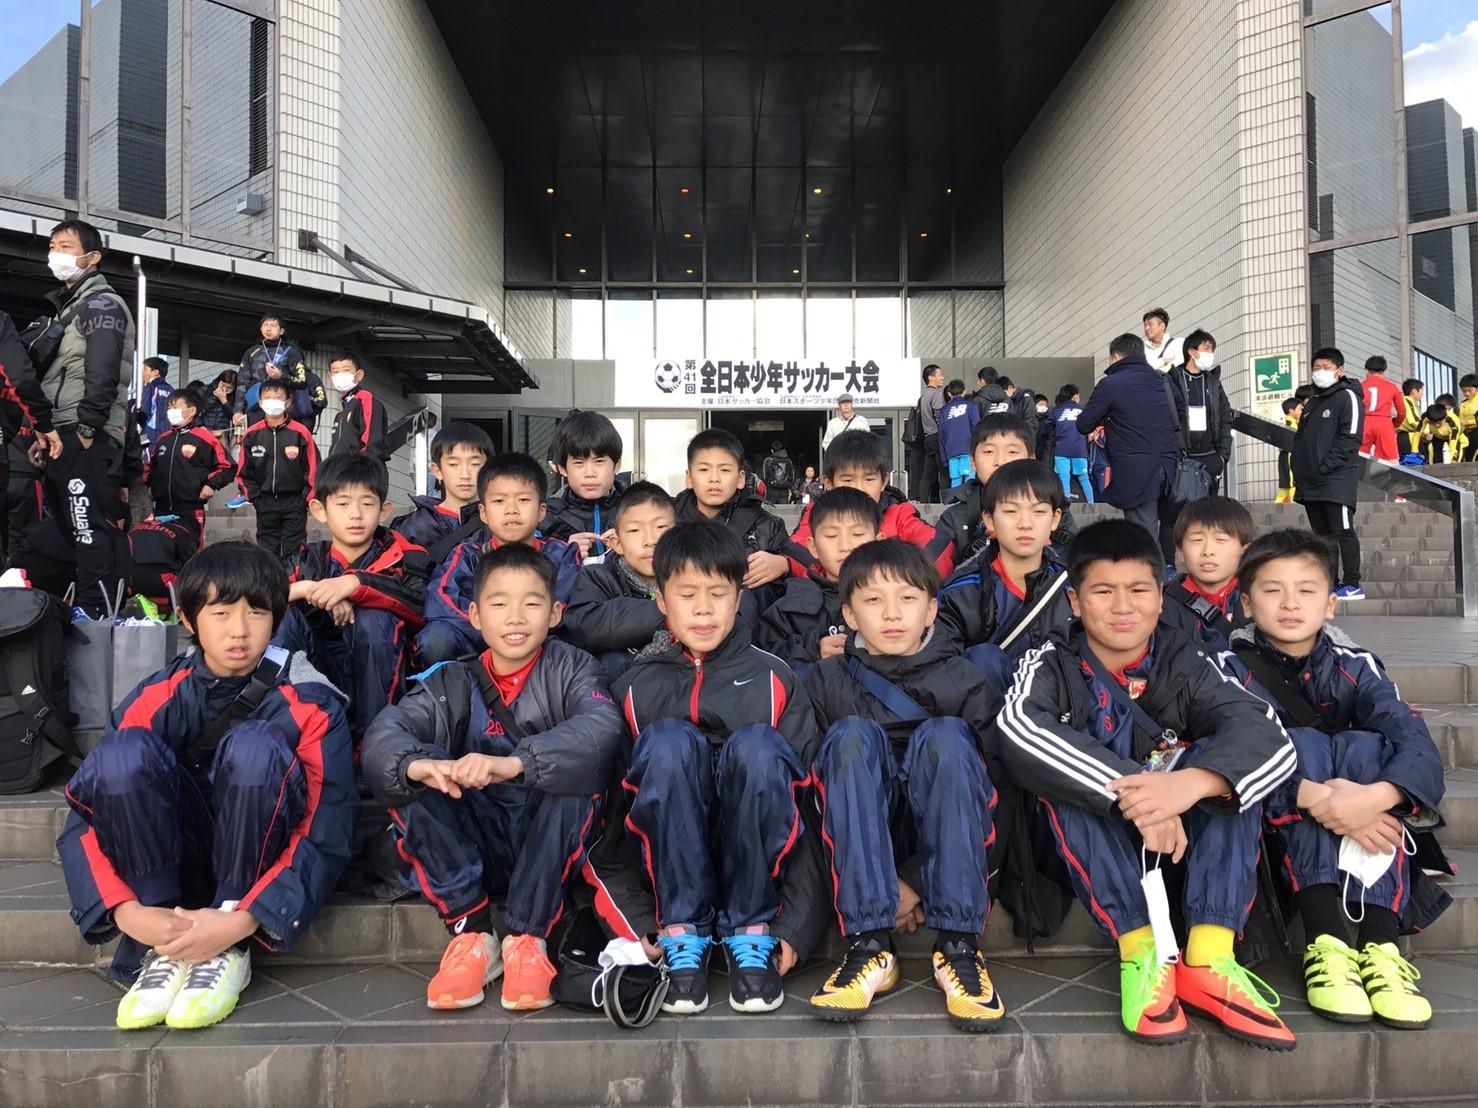 第41回 全日本少年サッカー大会_180104_0028